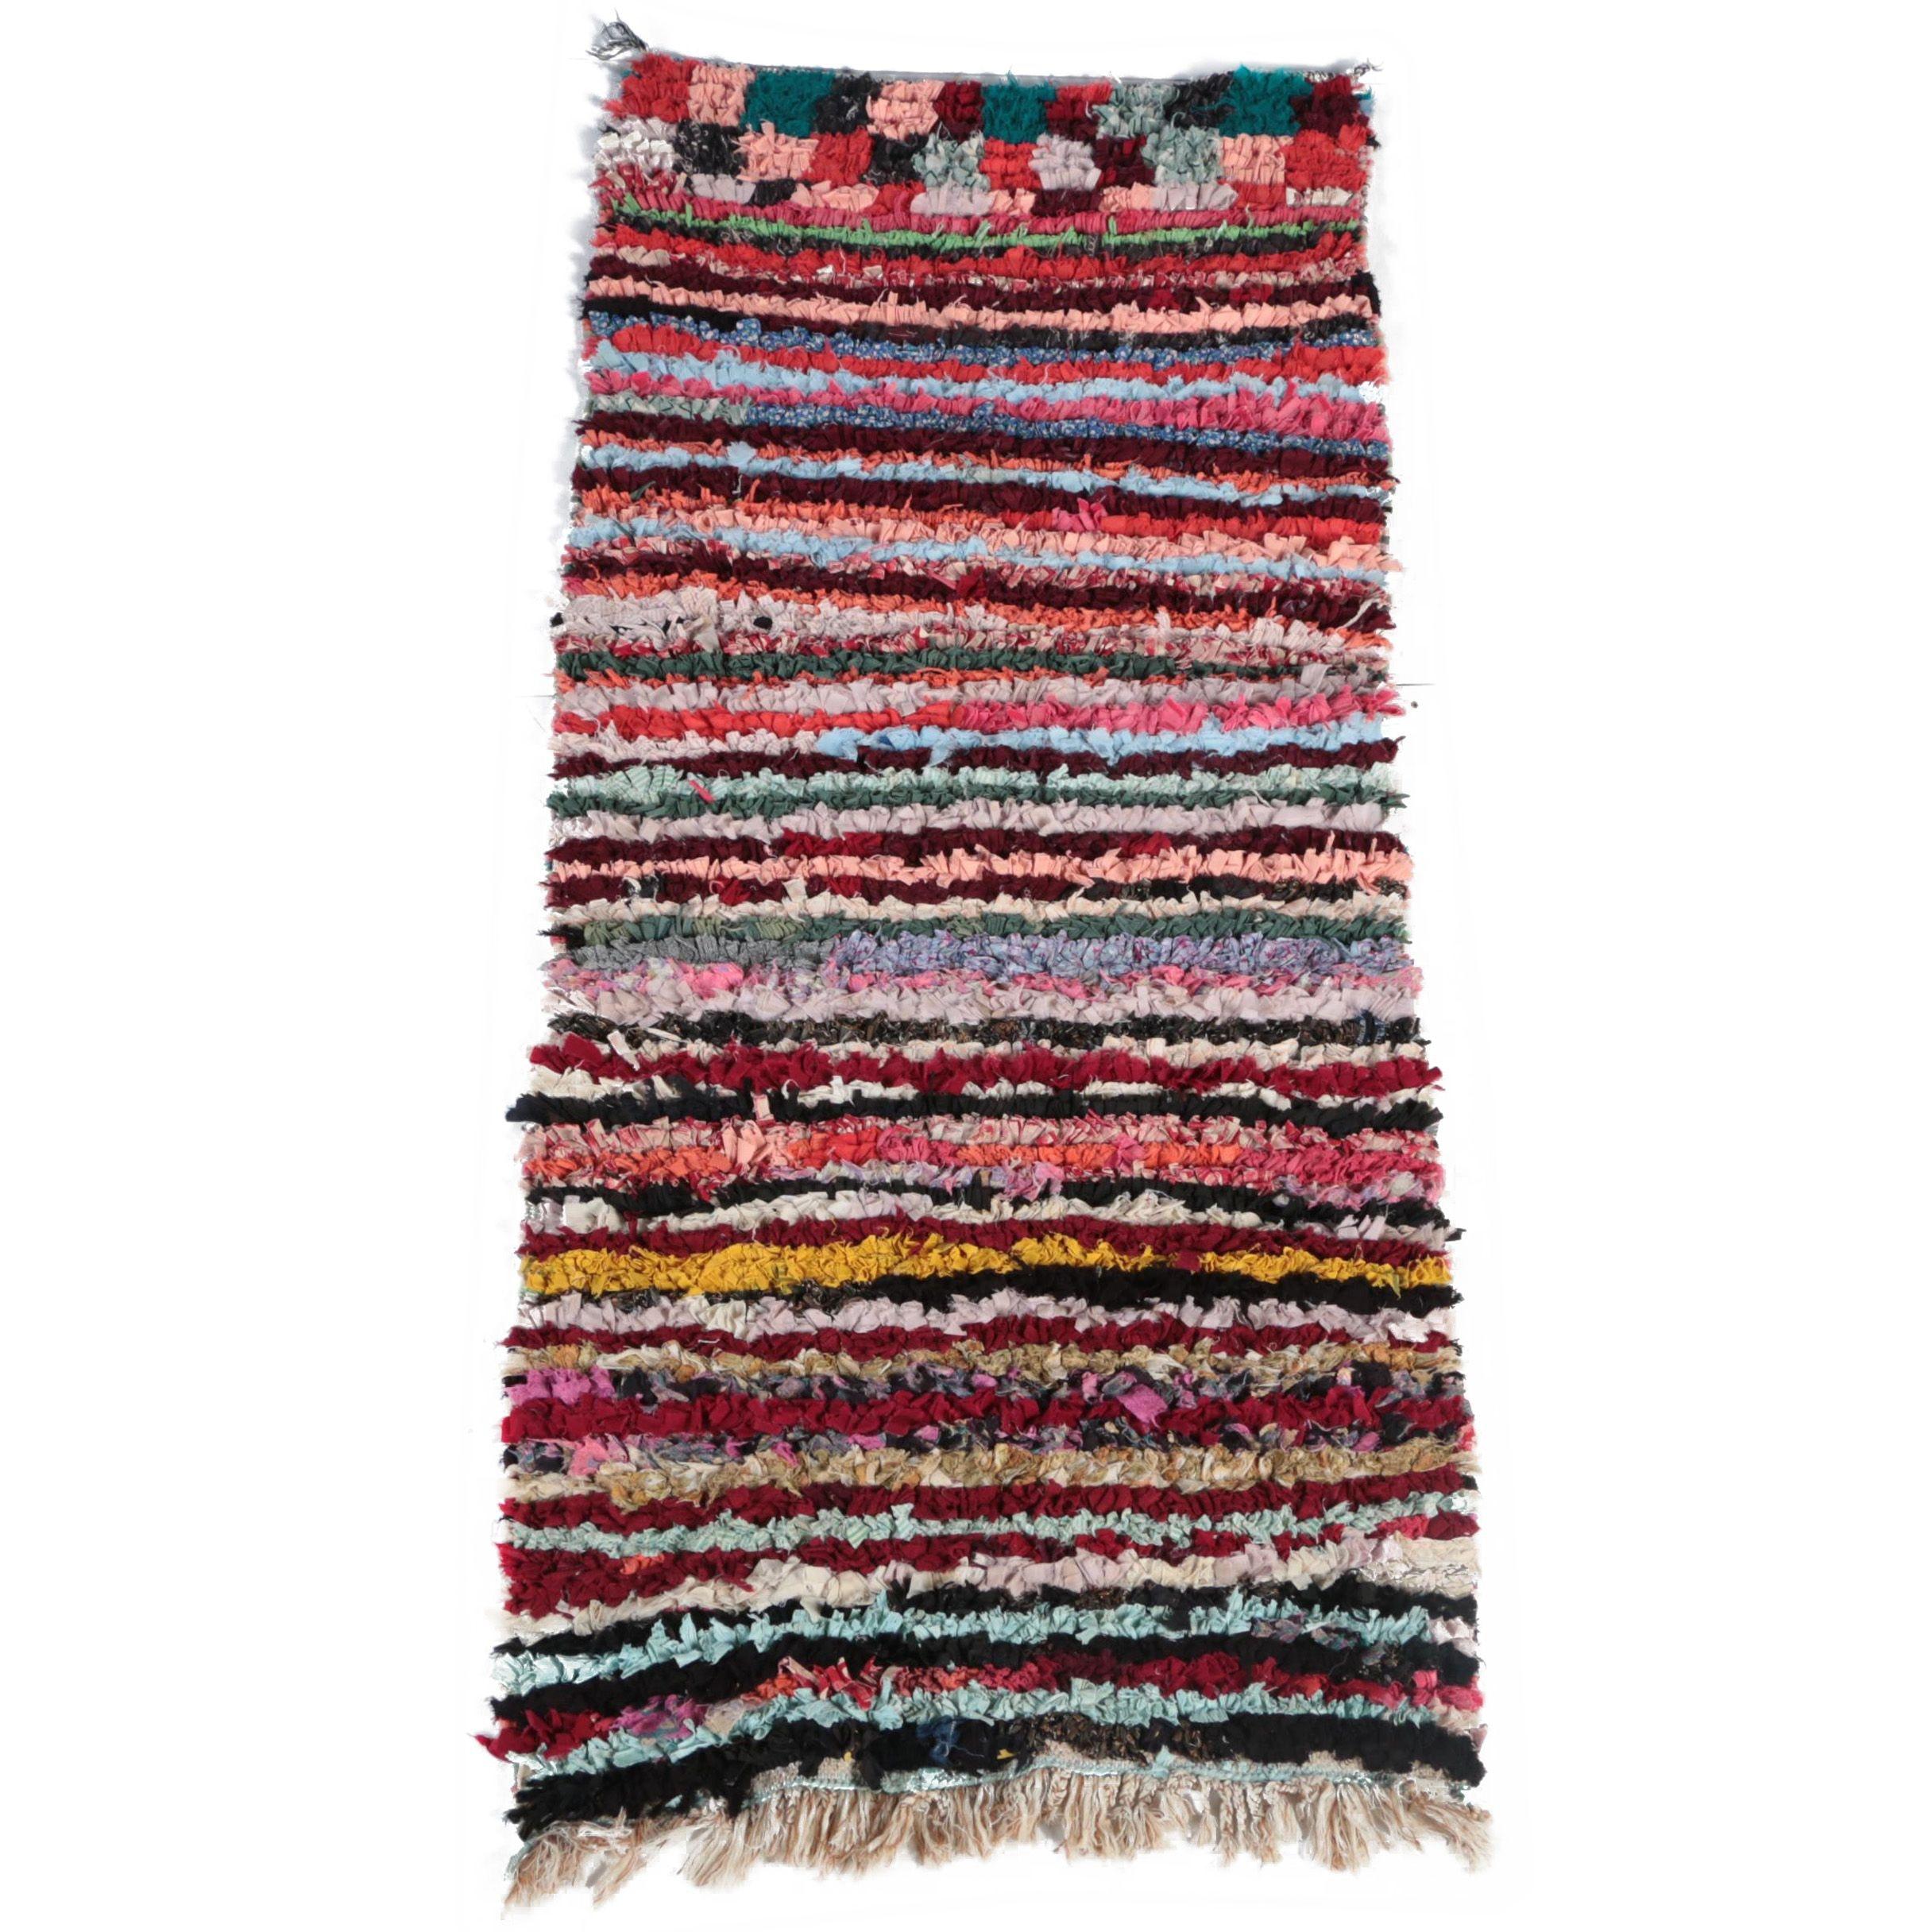 Handwoven Moroccan Boucherouite Area Rug